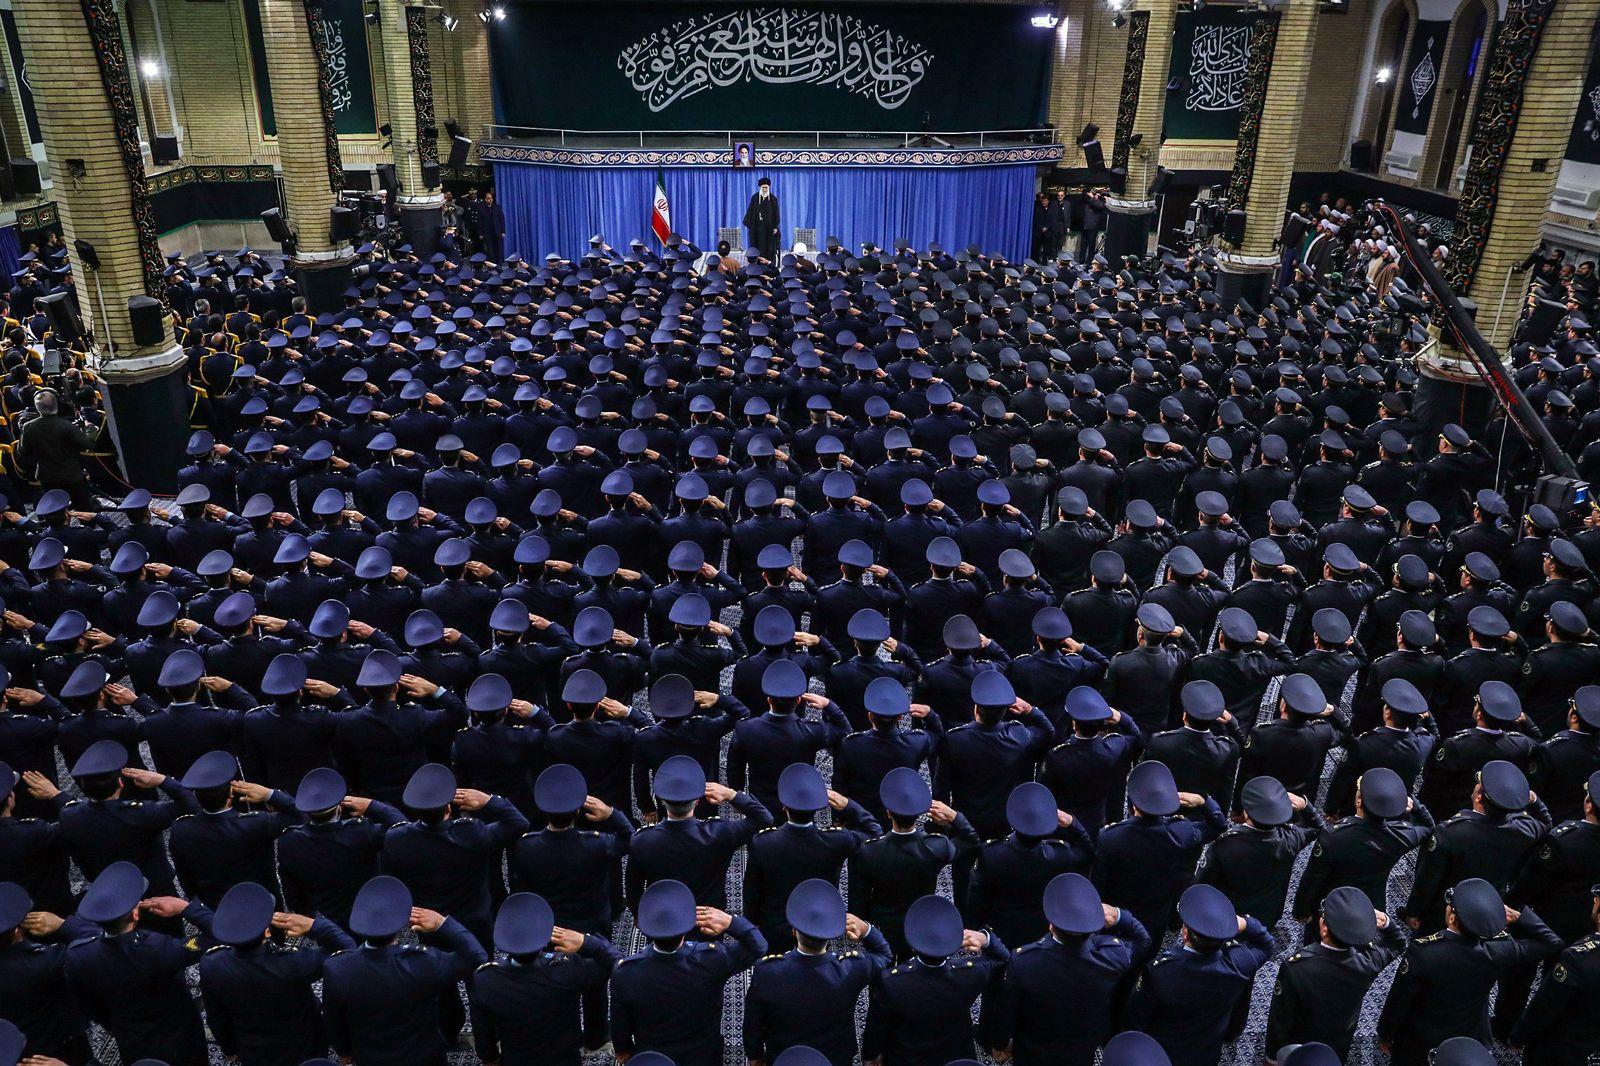 Iran 40. Jahrestag der Revolution